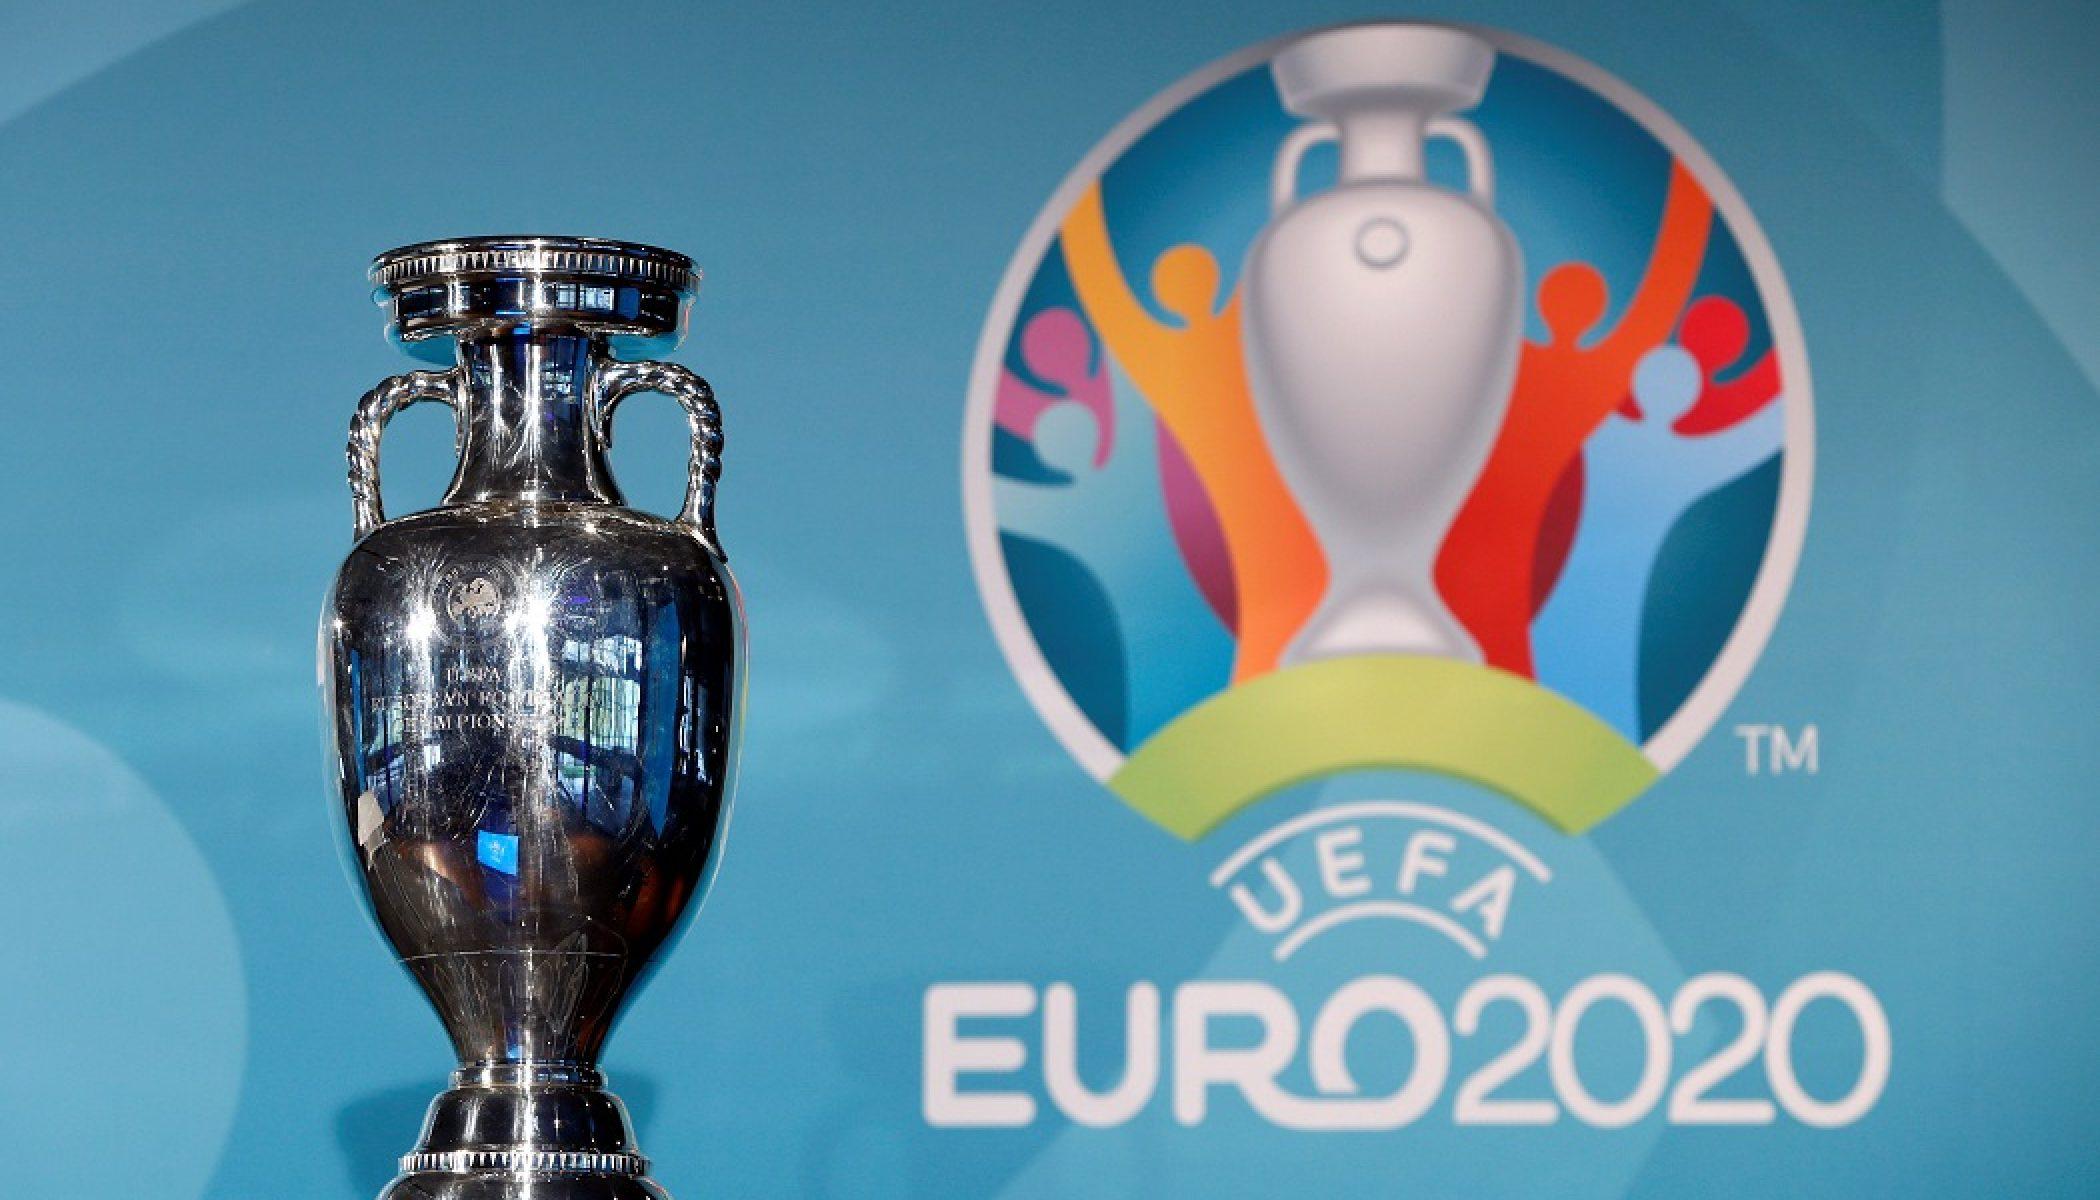 عيوب ومزايا ومخاوف بالجملة قبل عام من انطلاق يورو 2020